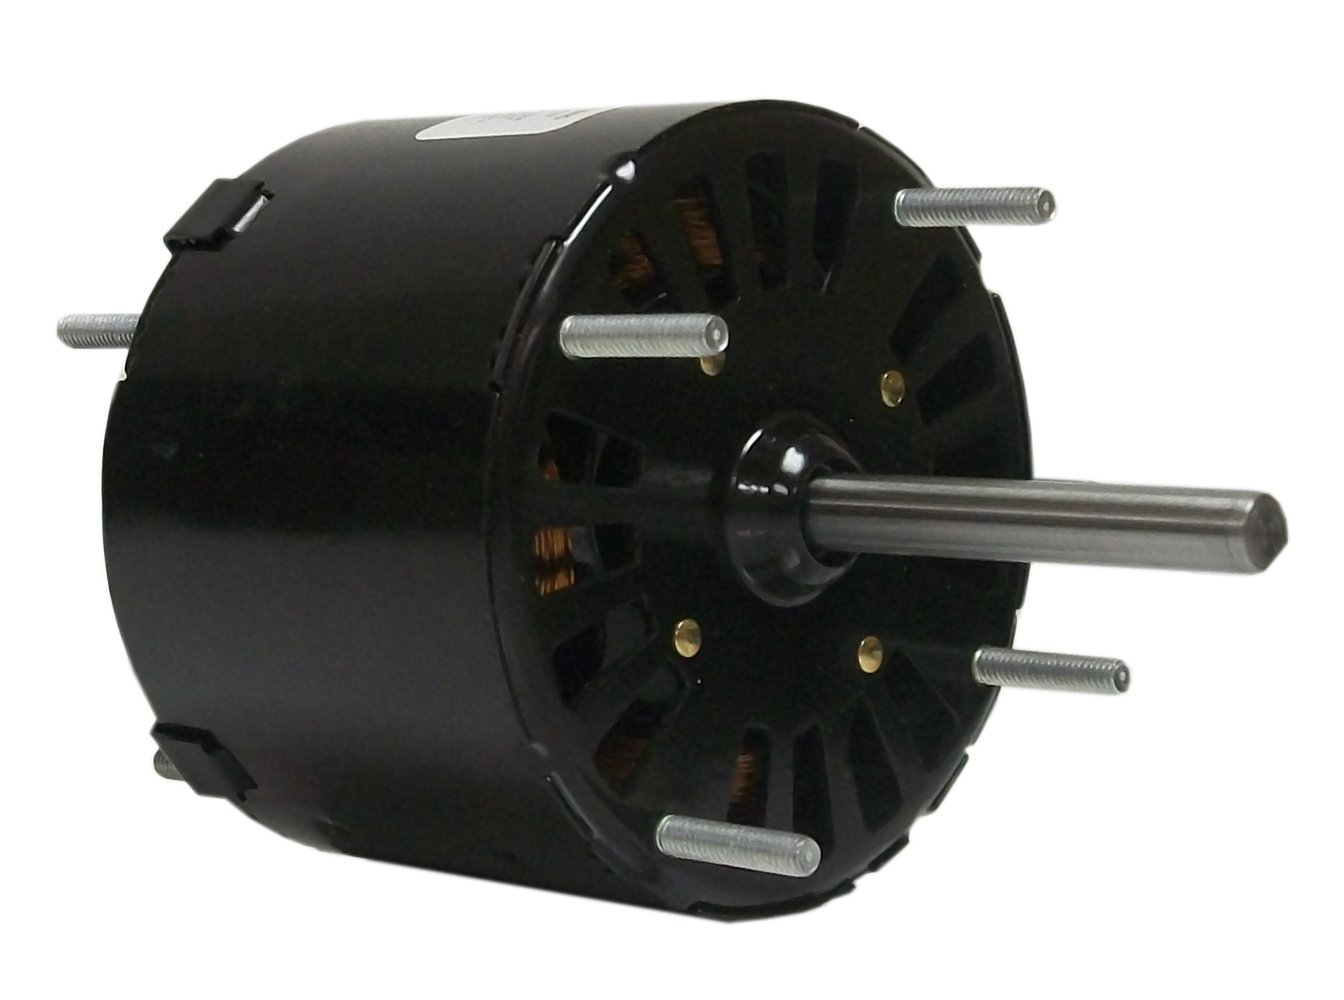 Fasco D532 Blower Motor, 3.3-Inch Frame Diameter, 1/30 HP, 1500 RPM, 115-volt, 1.4-Amp, Sleeve Bearing